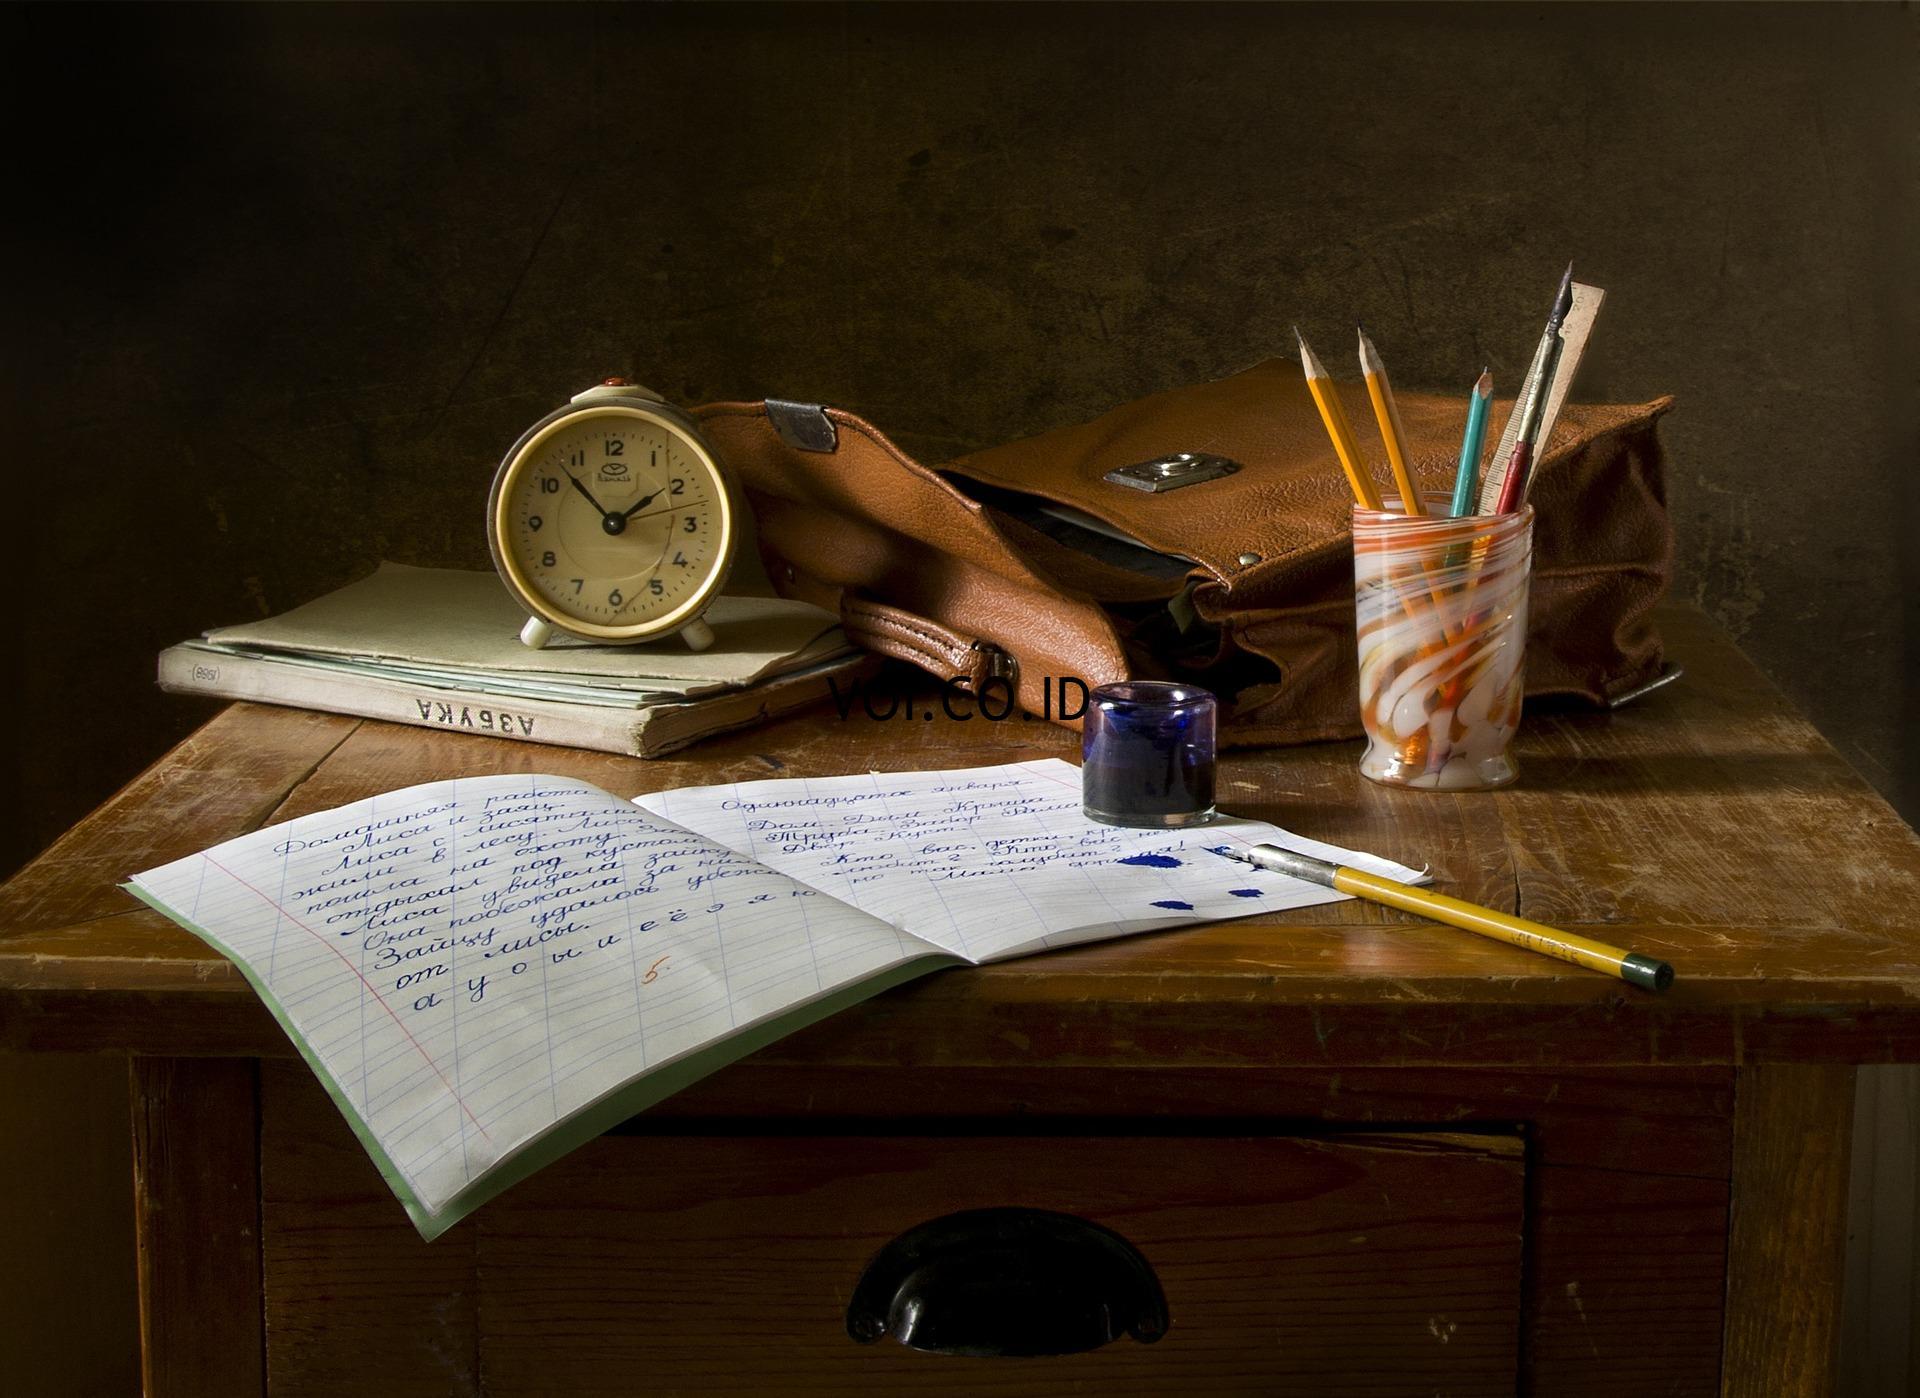 paragraf induktif, deduktif dan campuran